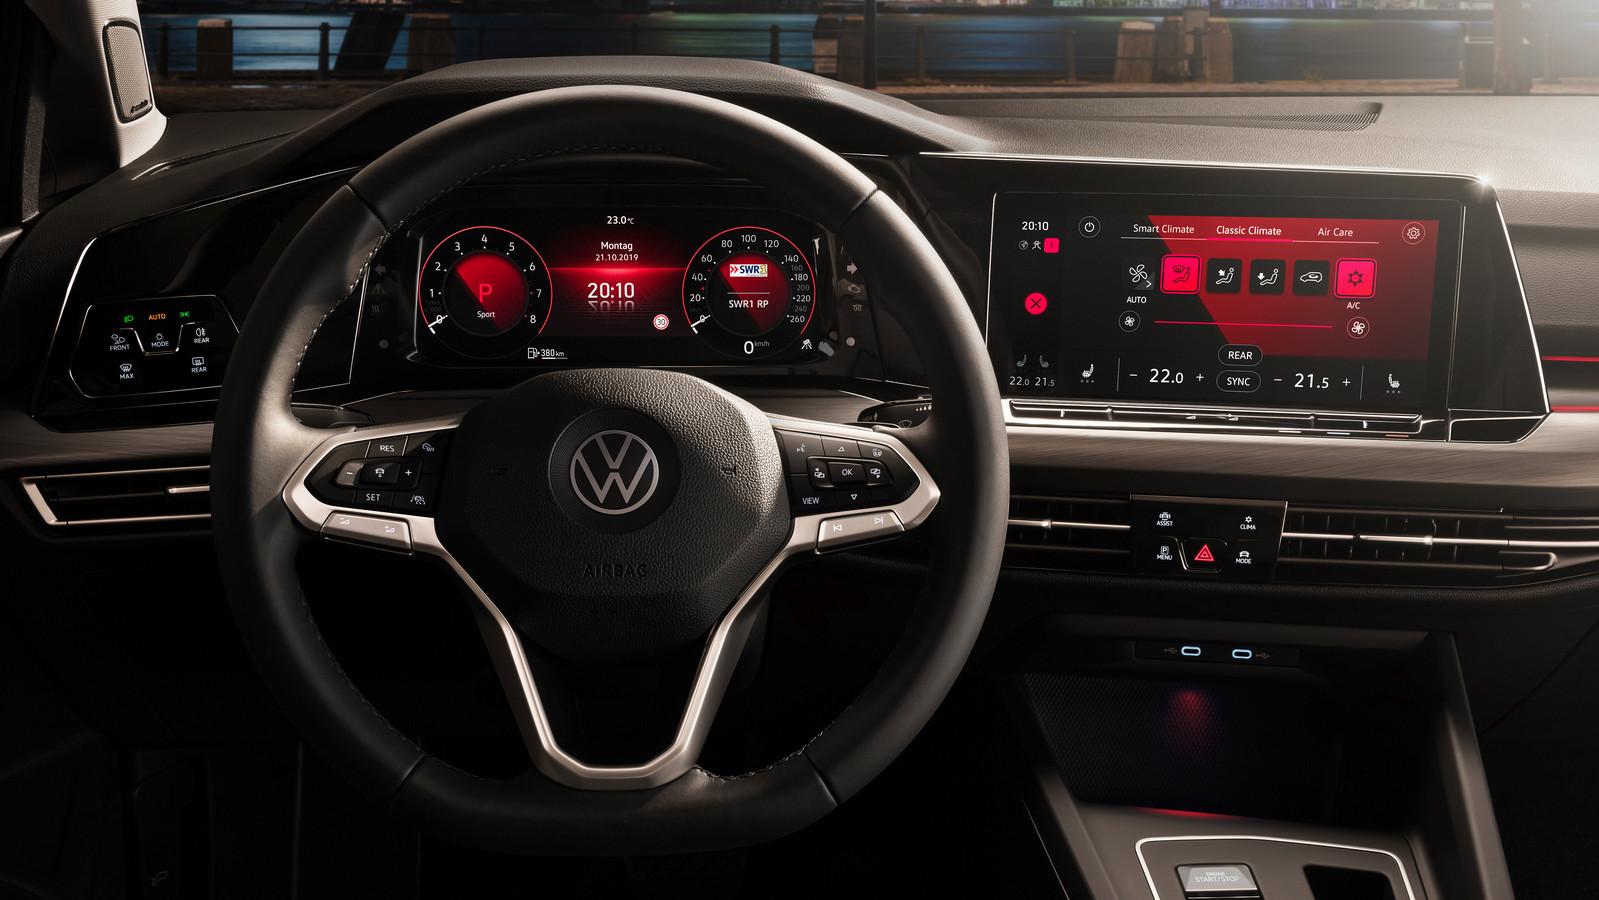 Het dashboard van de nieuwe Volkswagen Golf 8.